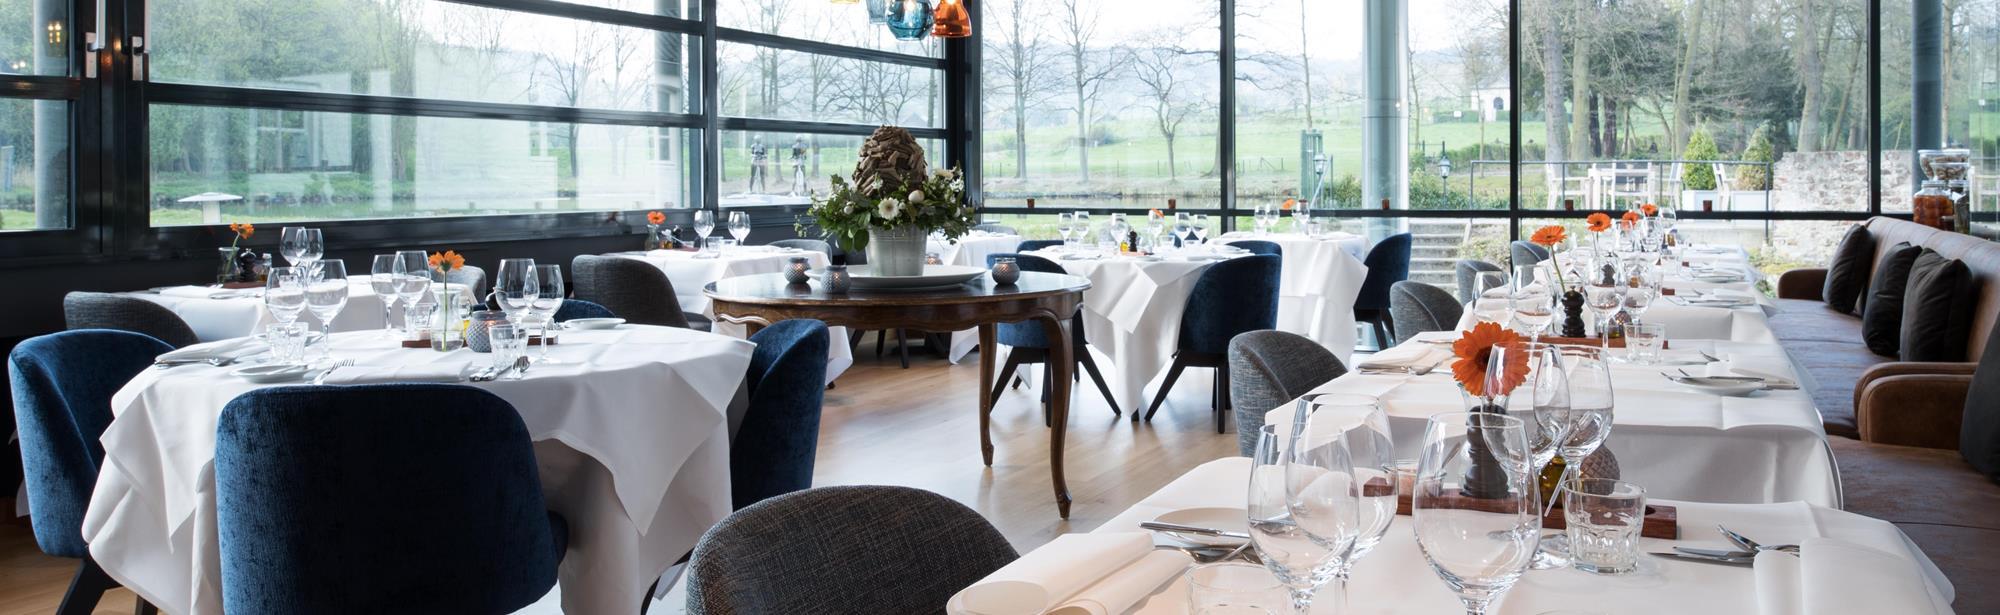 Restaurant Bilderberg Kasteel Vaalsbroek